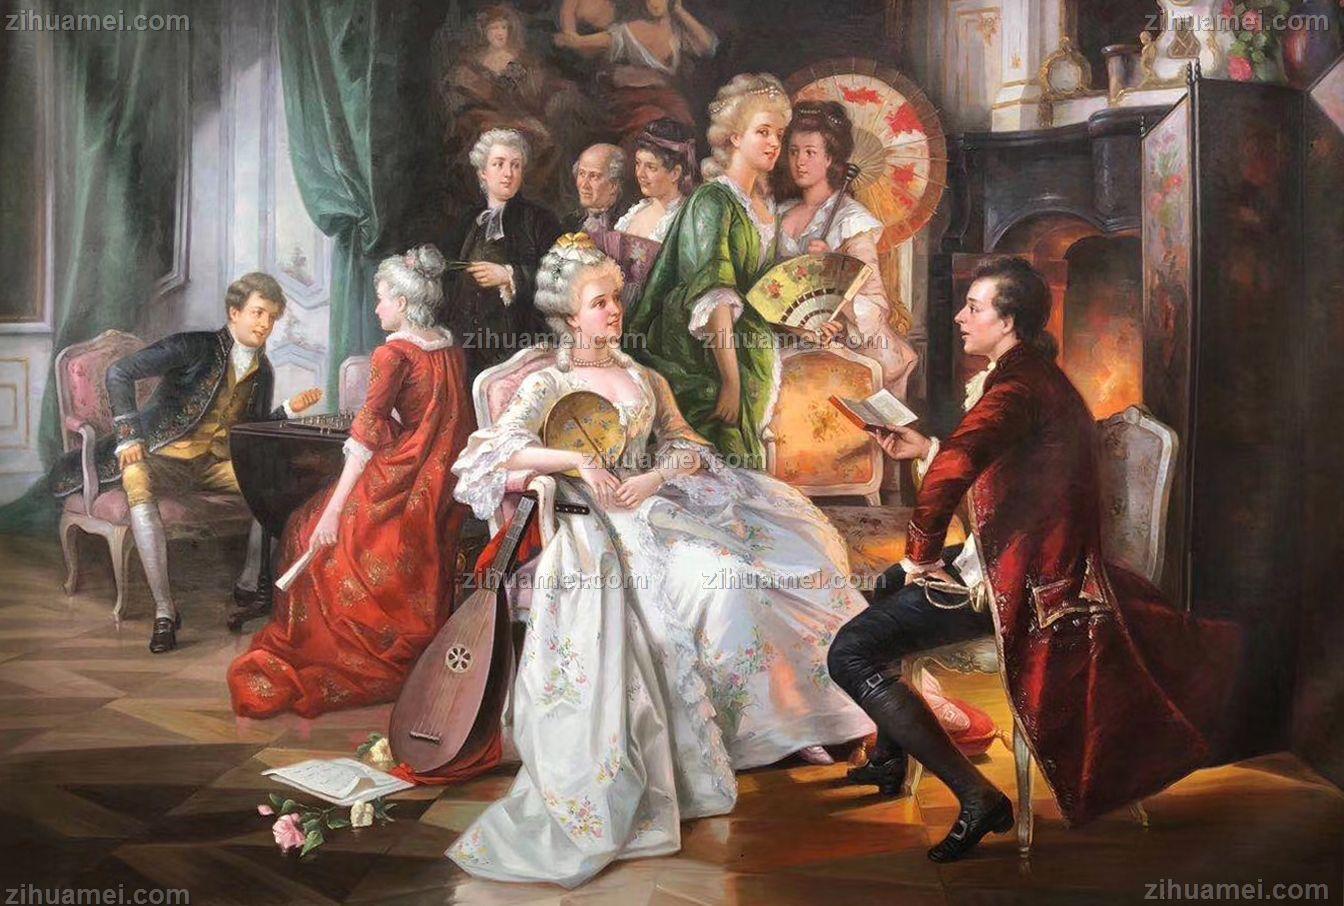 宫廷人物油画手绘油画